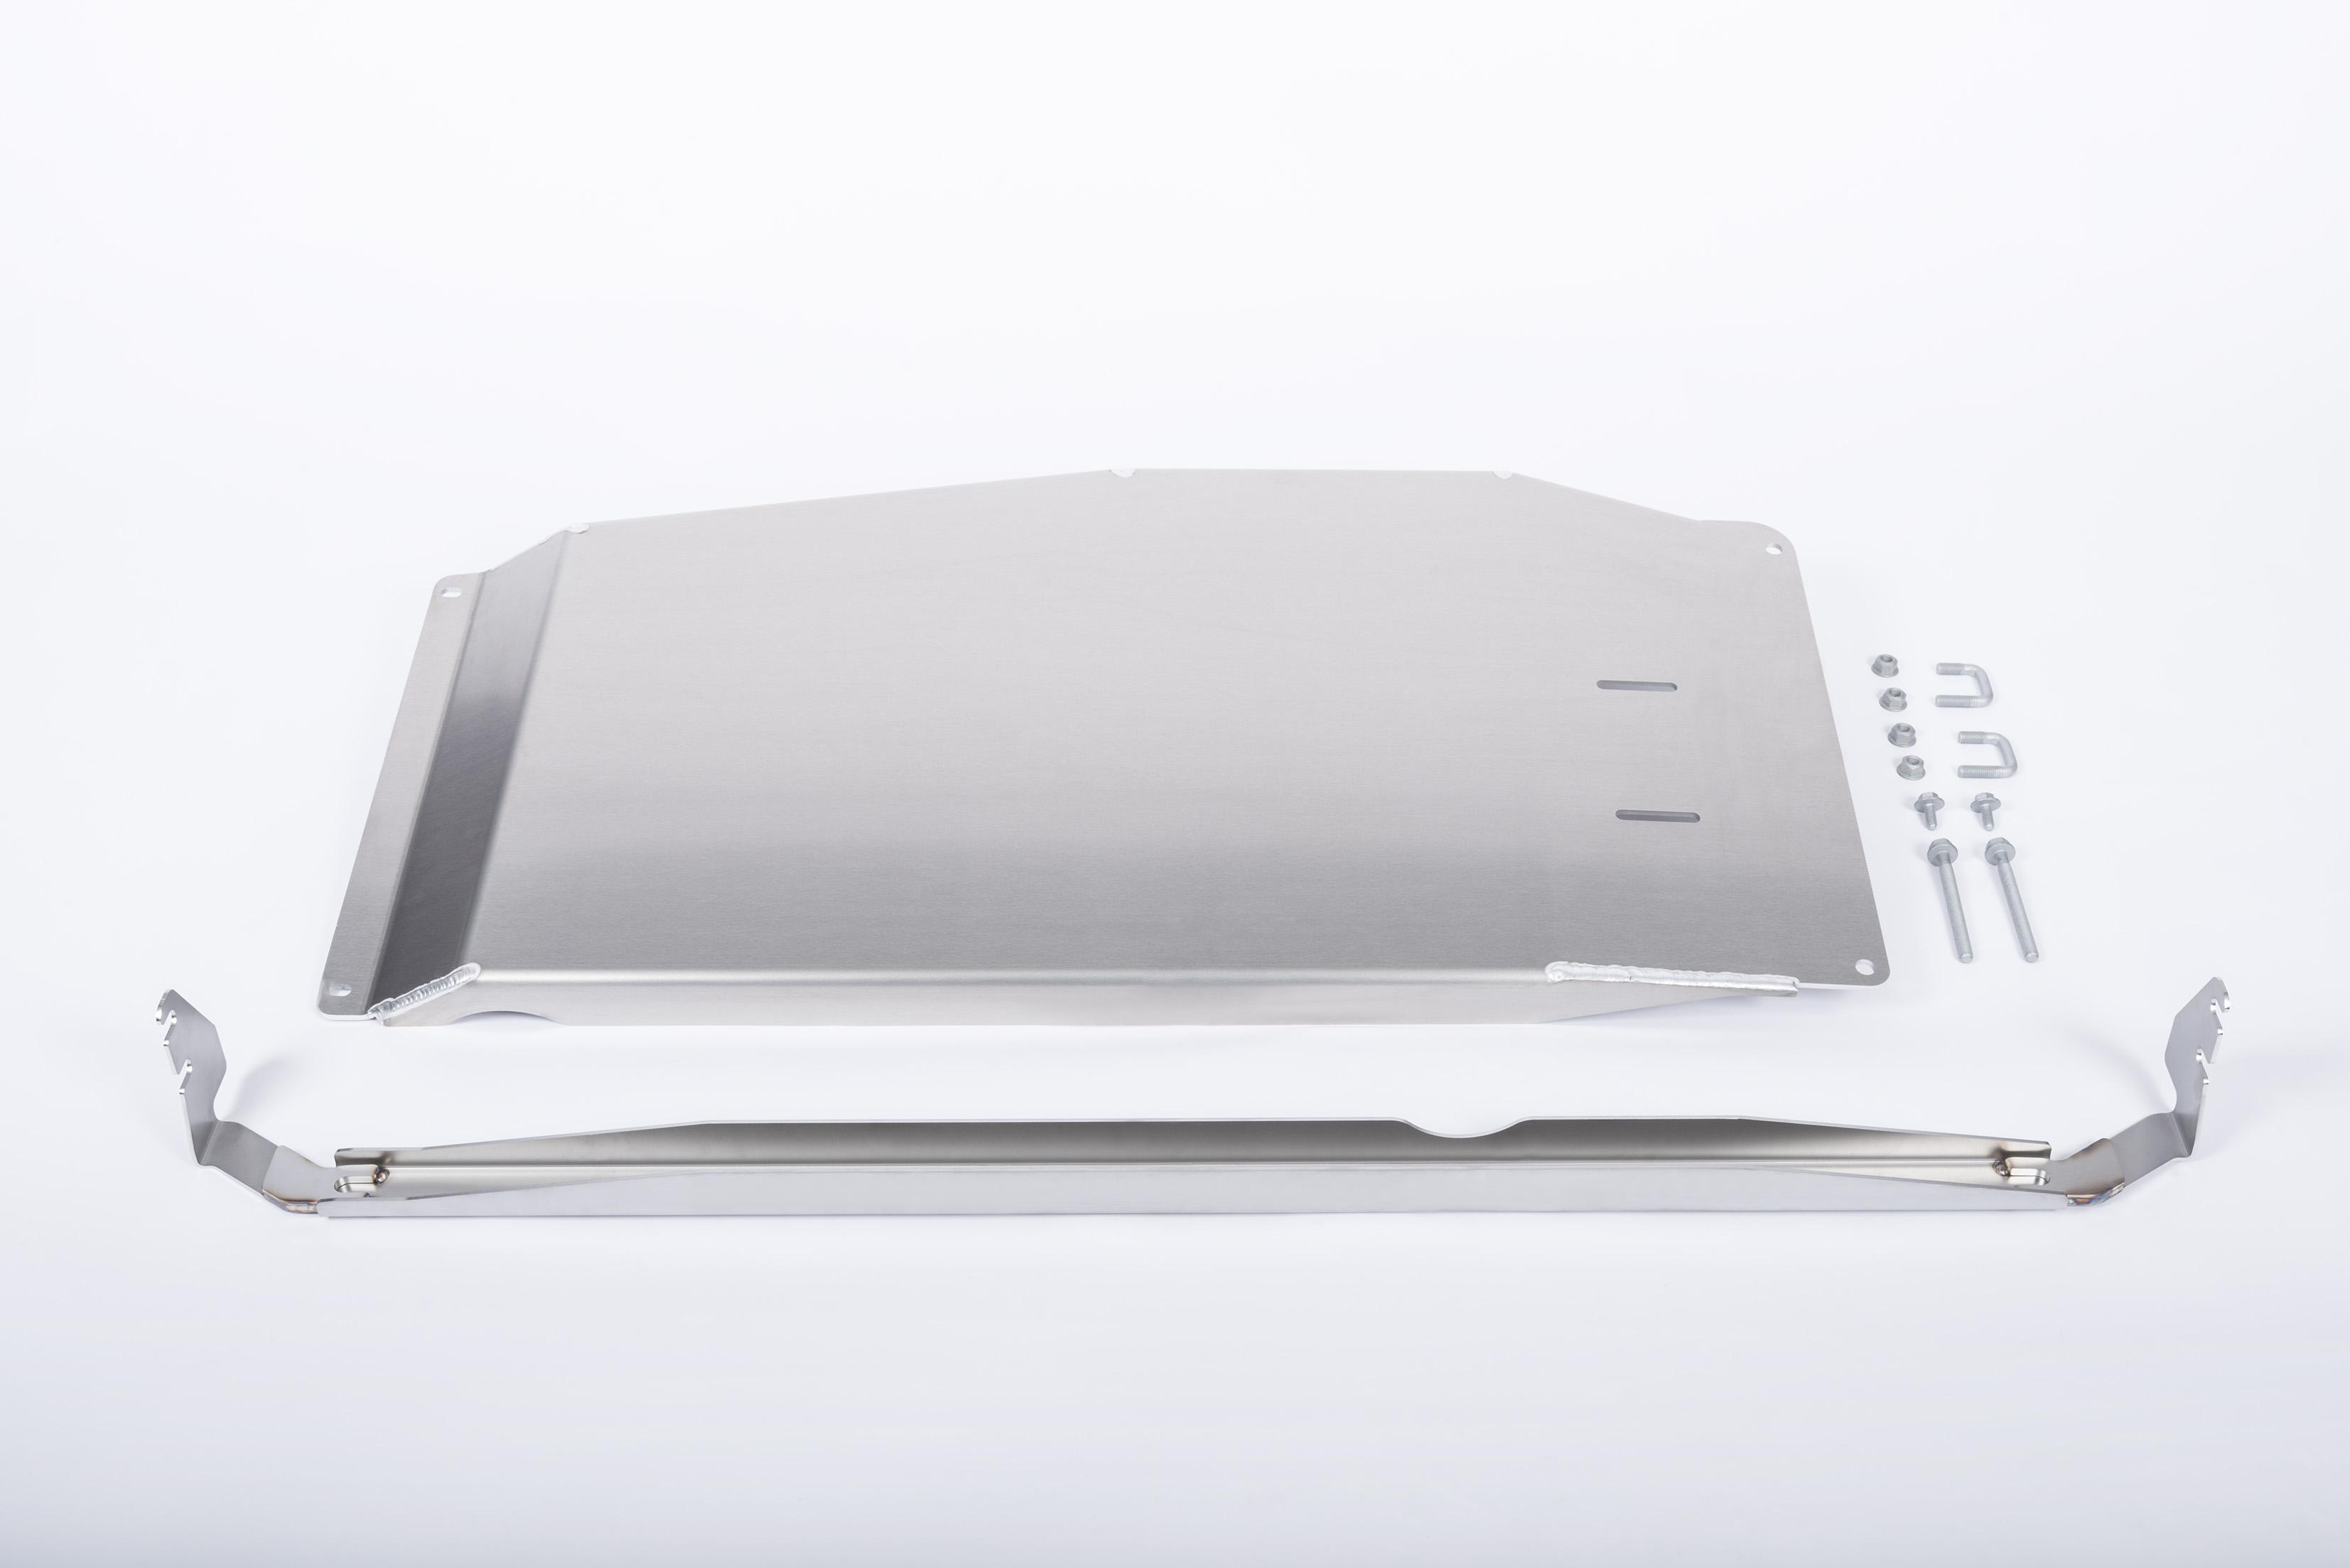 Schutzplatte Verteilergetriebe für Amarok V6 Seikel